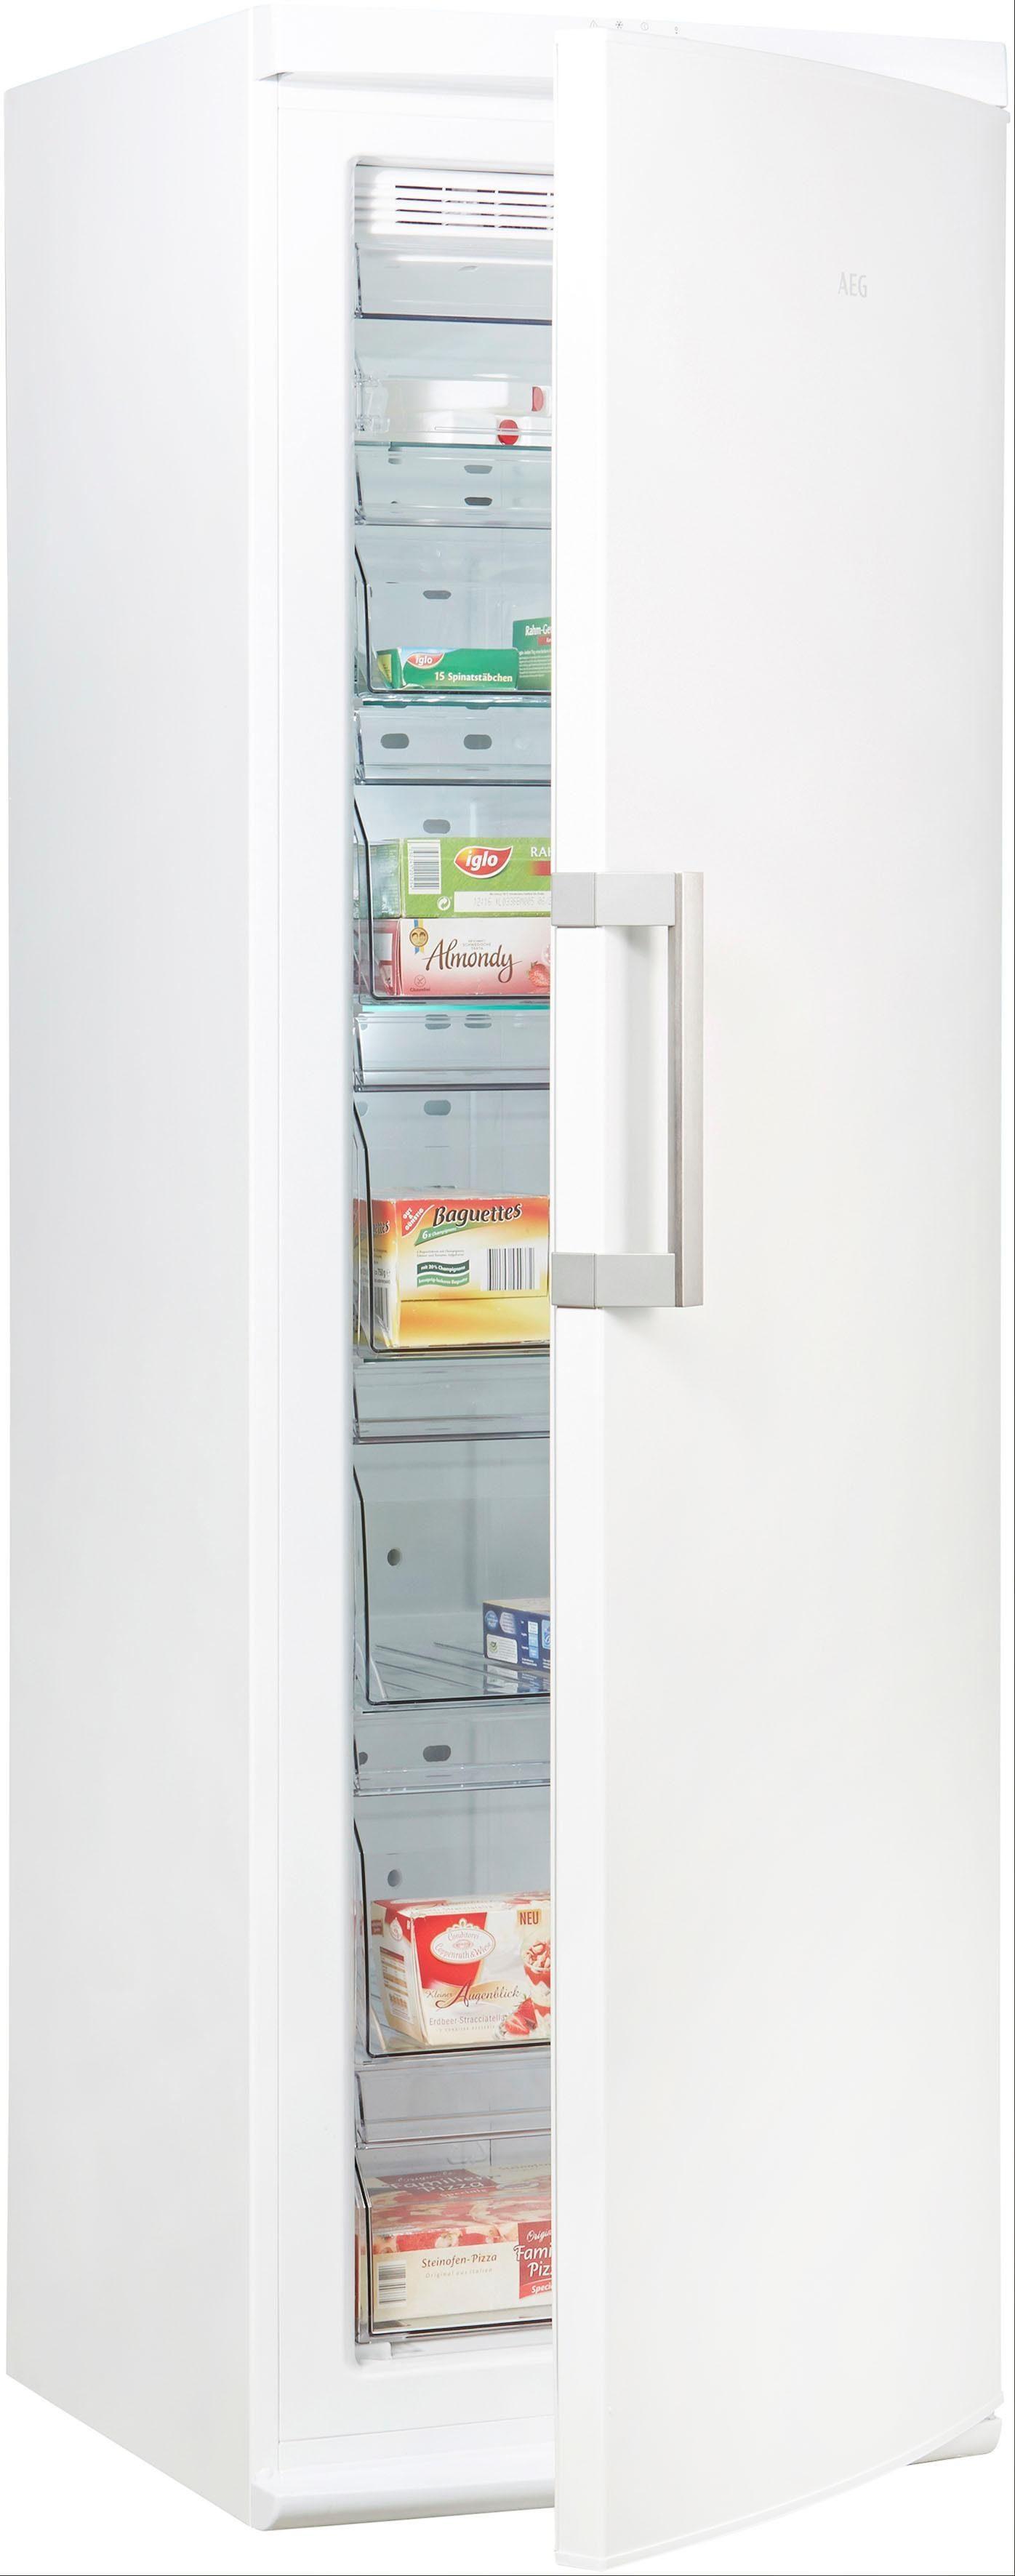 AEG Gefrierschrank AGB62521NW, 185 cm hoch, 59,5 cm breit